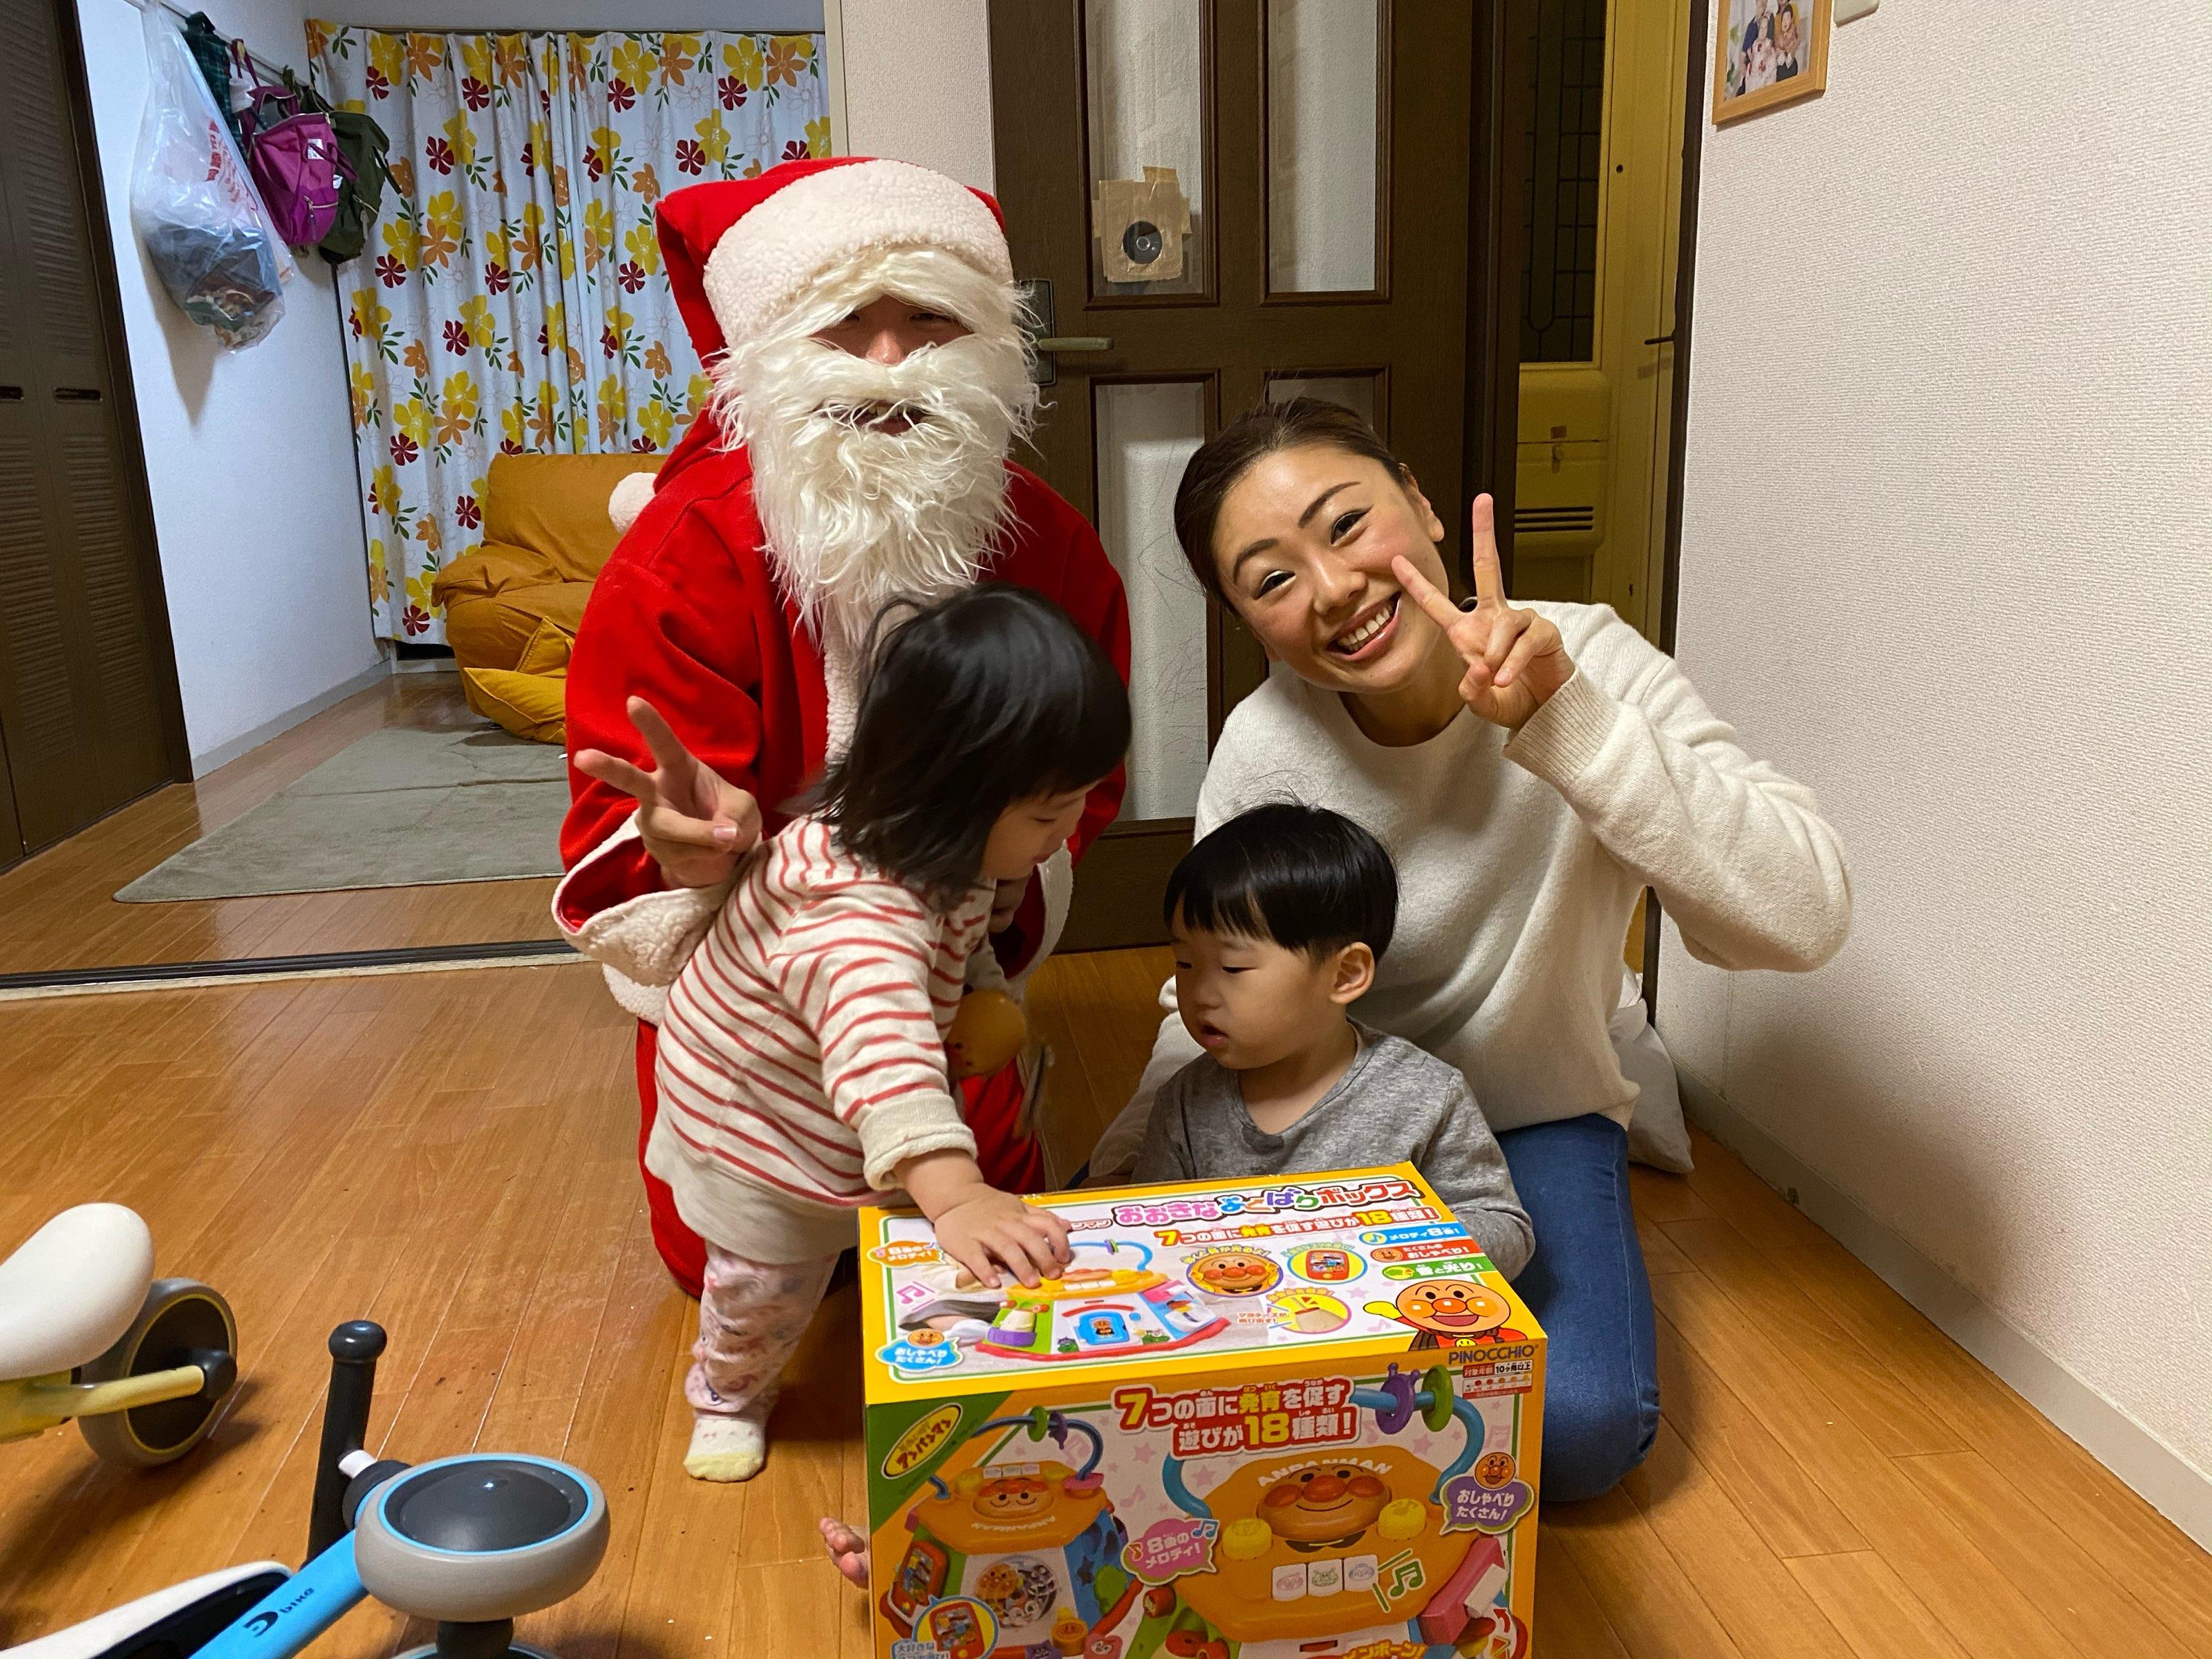 プレゼントに夢中すぎて・・・サンタさんぽつーん